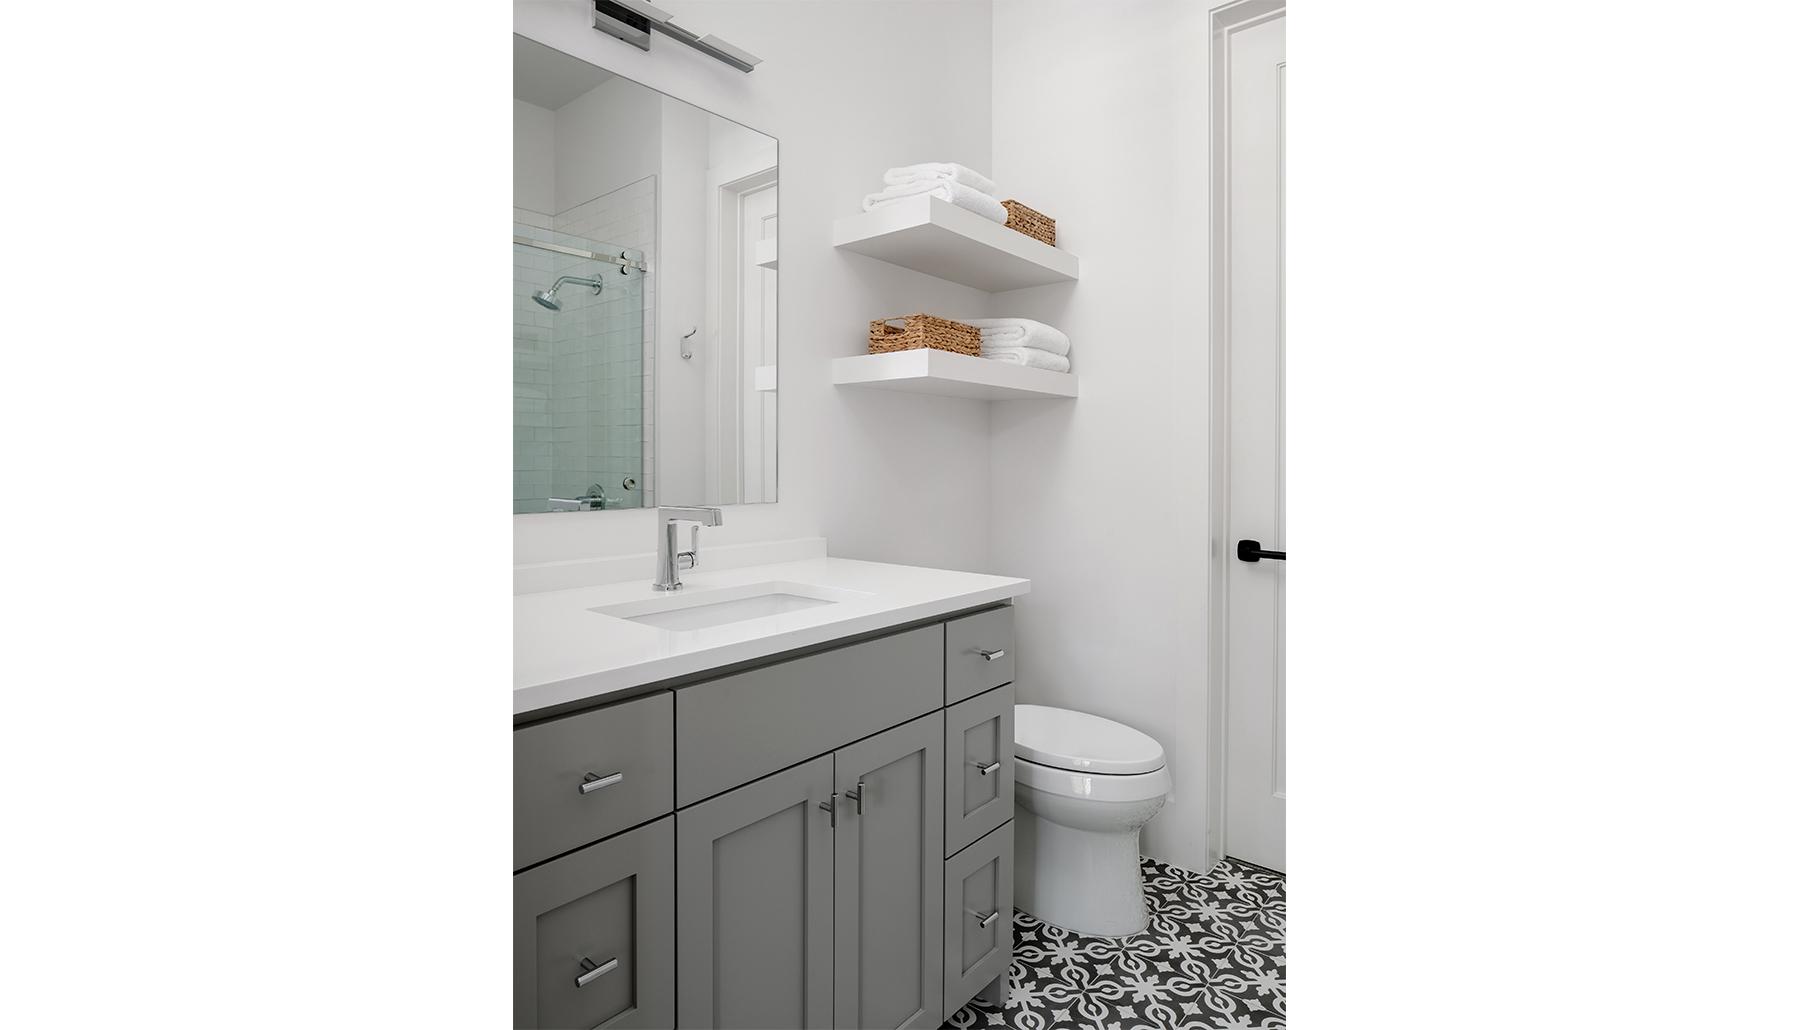 Amarra Residence Bath